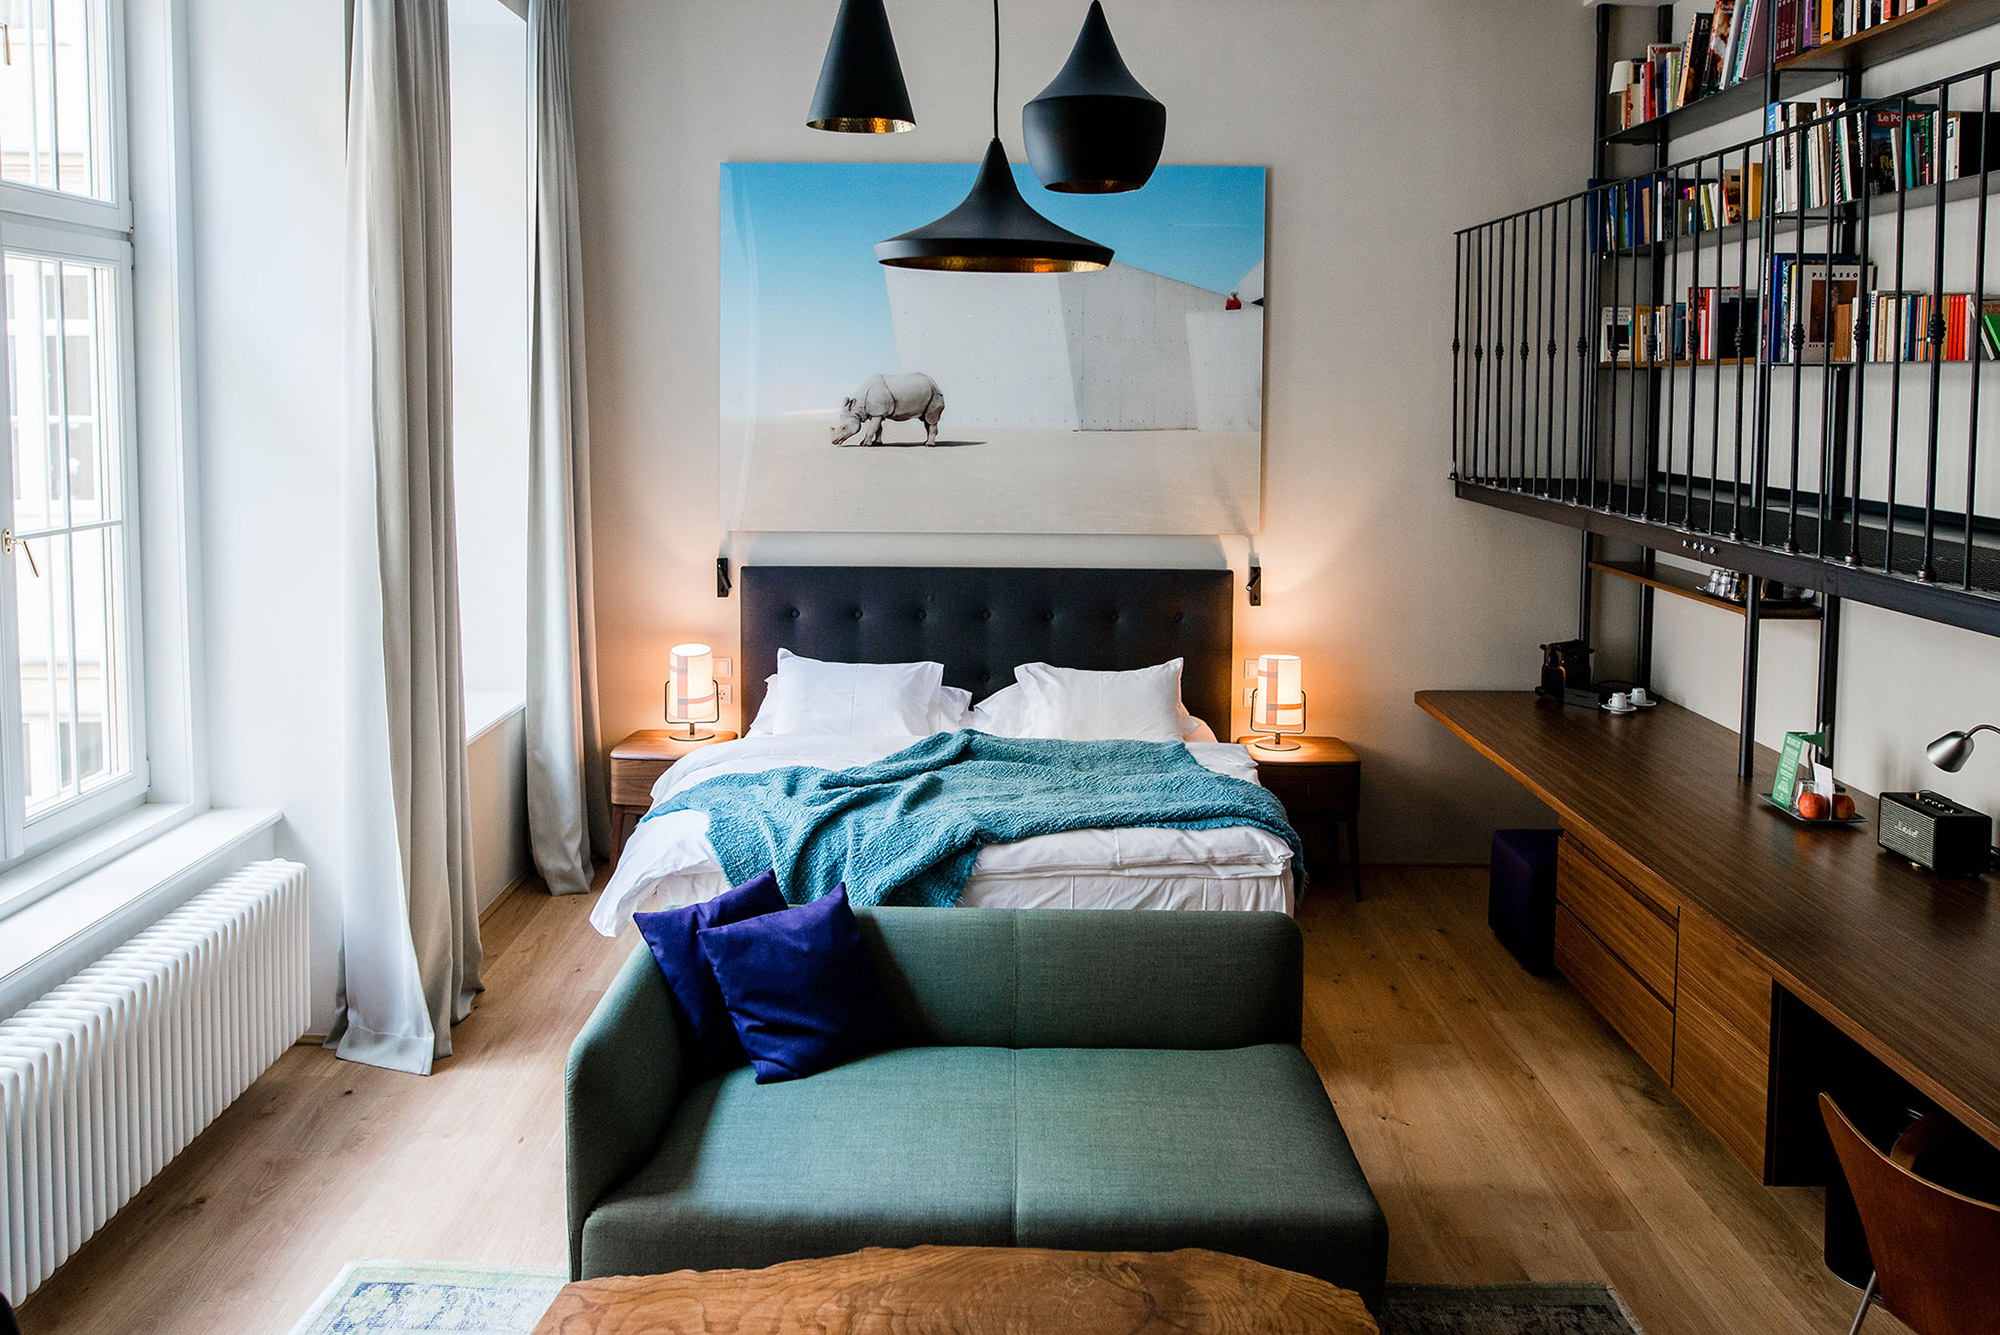 Chambre design, parquet marron, linge de ligne blanc et bleuc, suspensions modernes